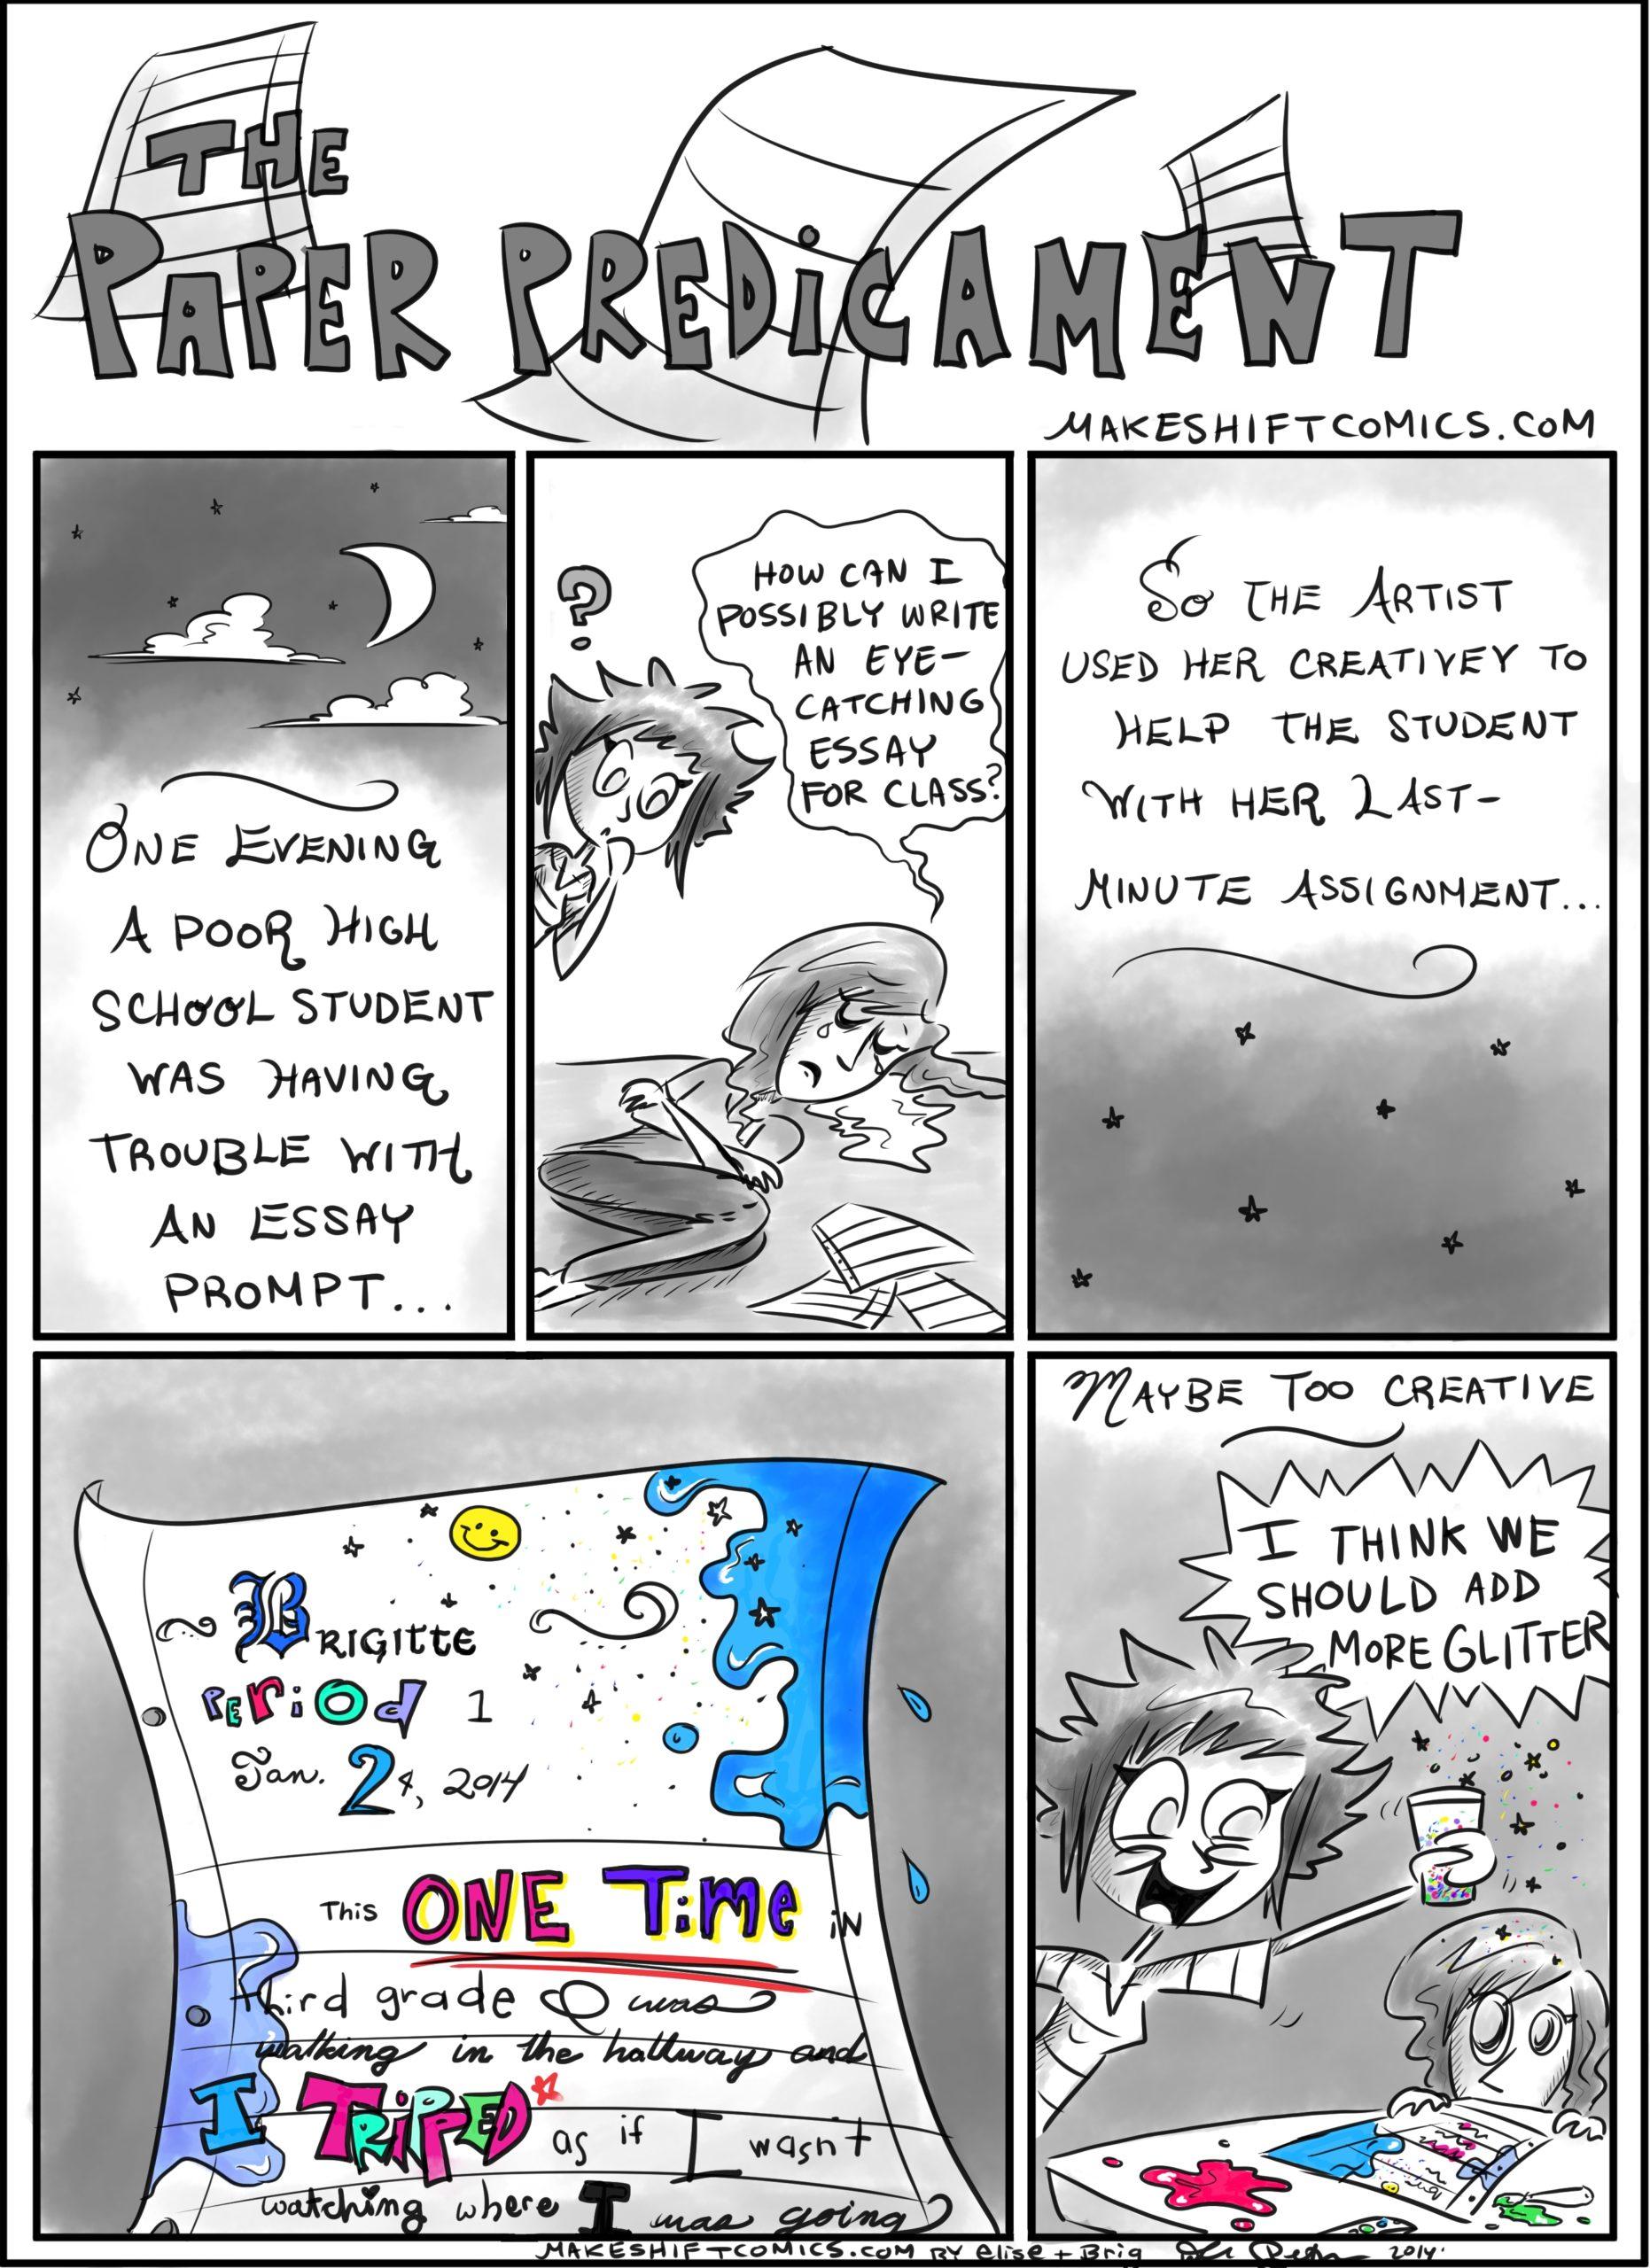 The Paper Predicament